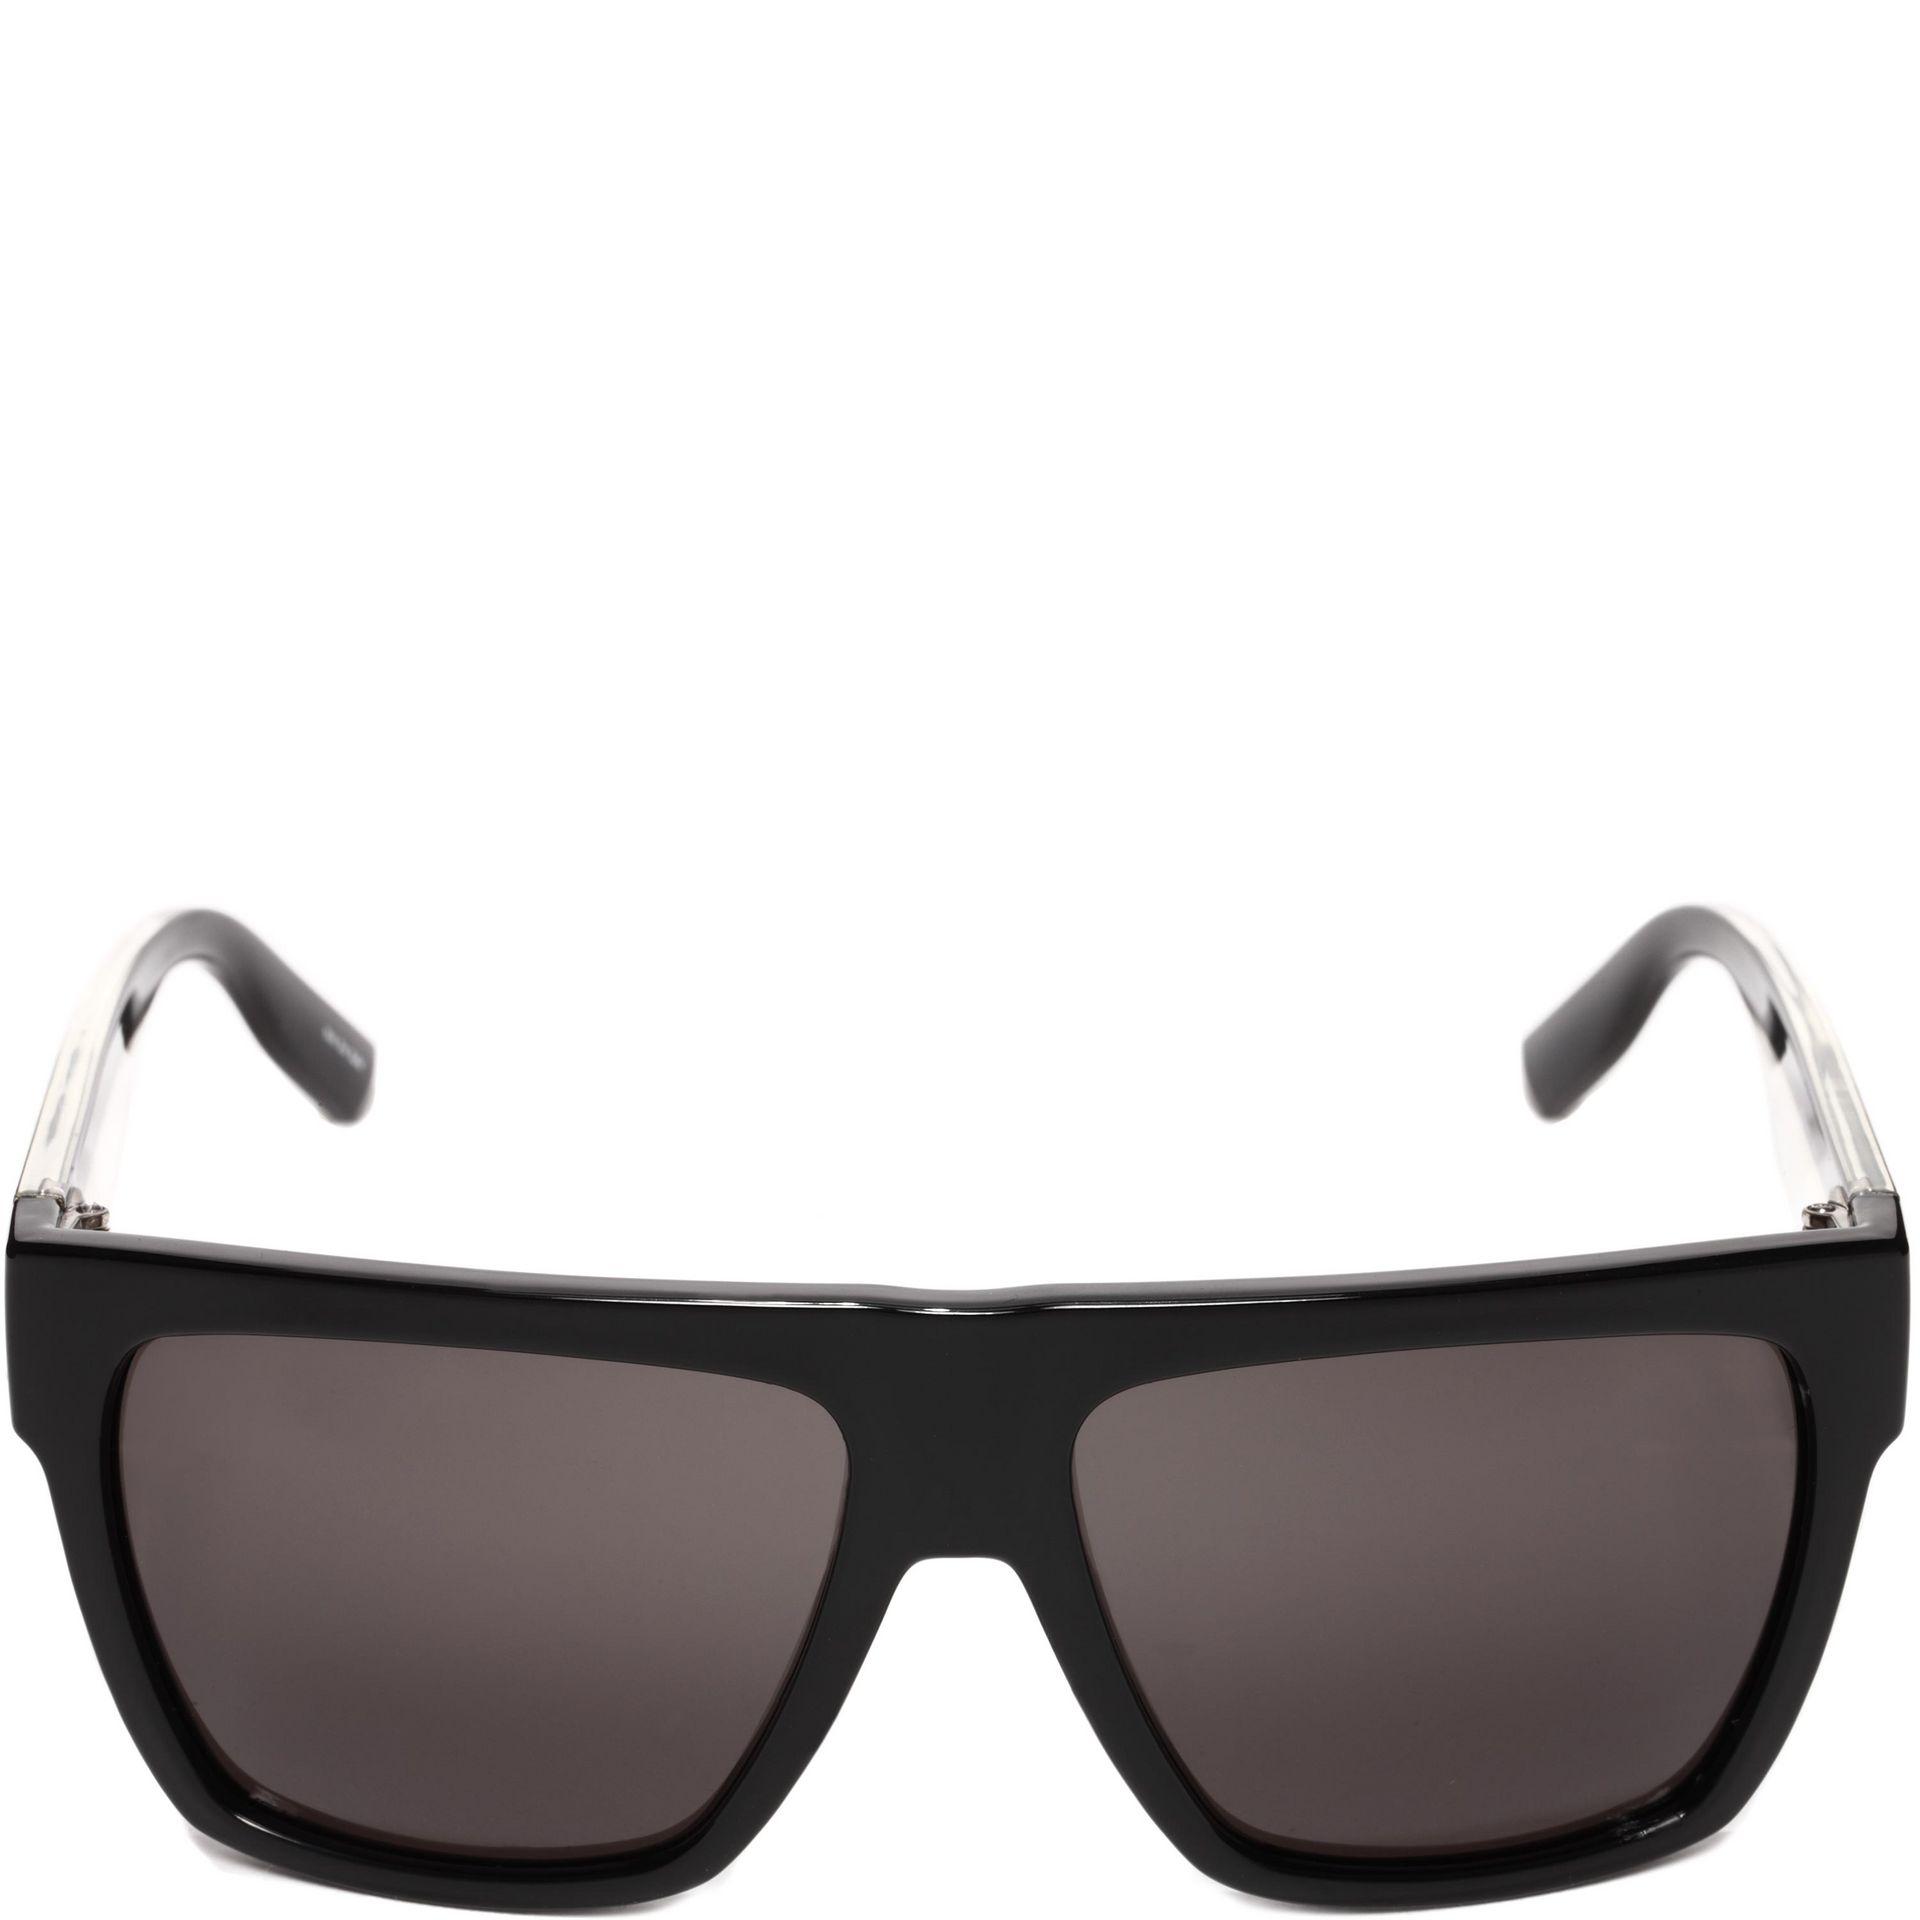 Mcq Sunglasses  mcq the jack black sunglasses in black lyst